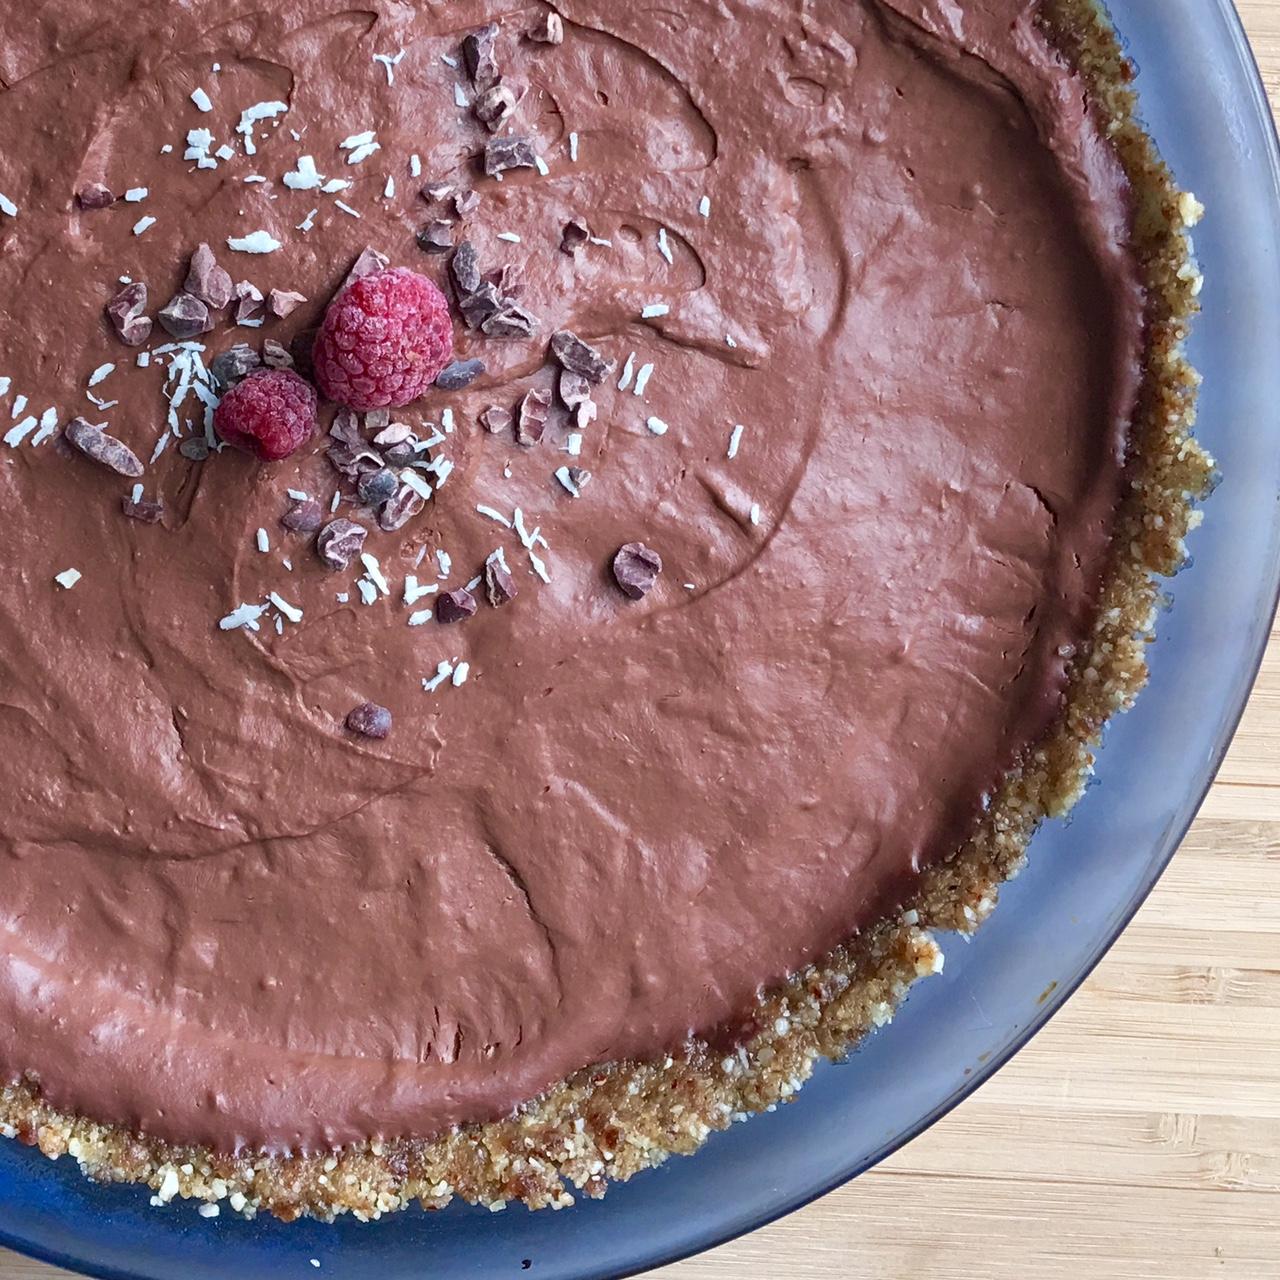 Raspberry chocolate pie - gluten free, vegan, grain free